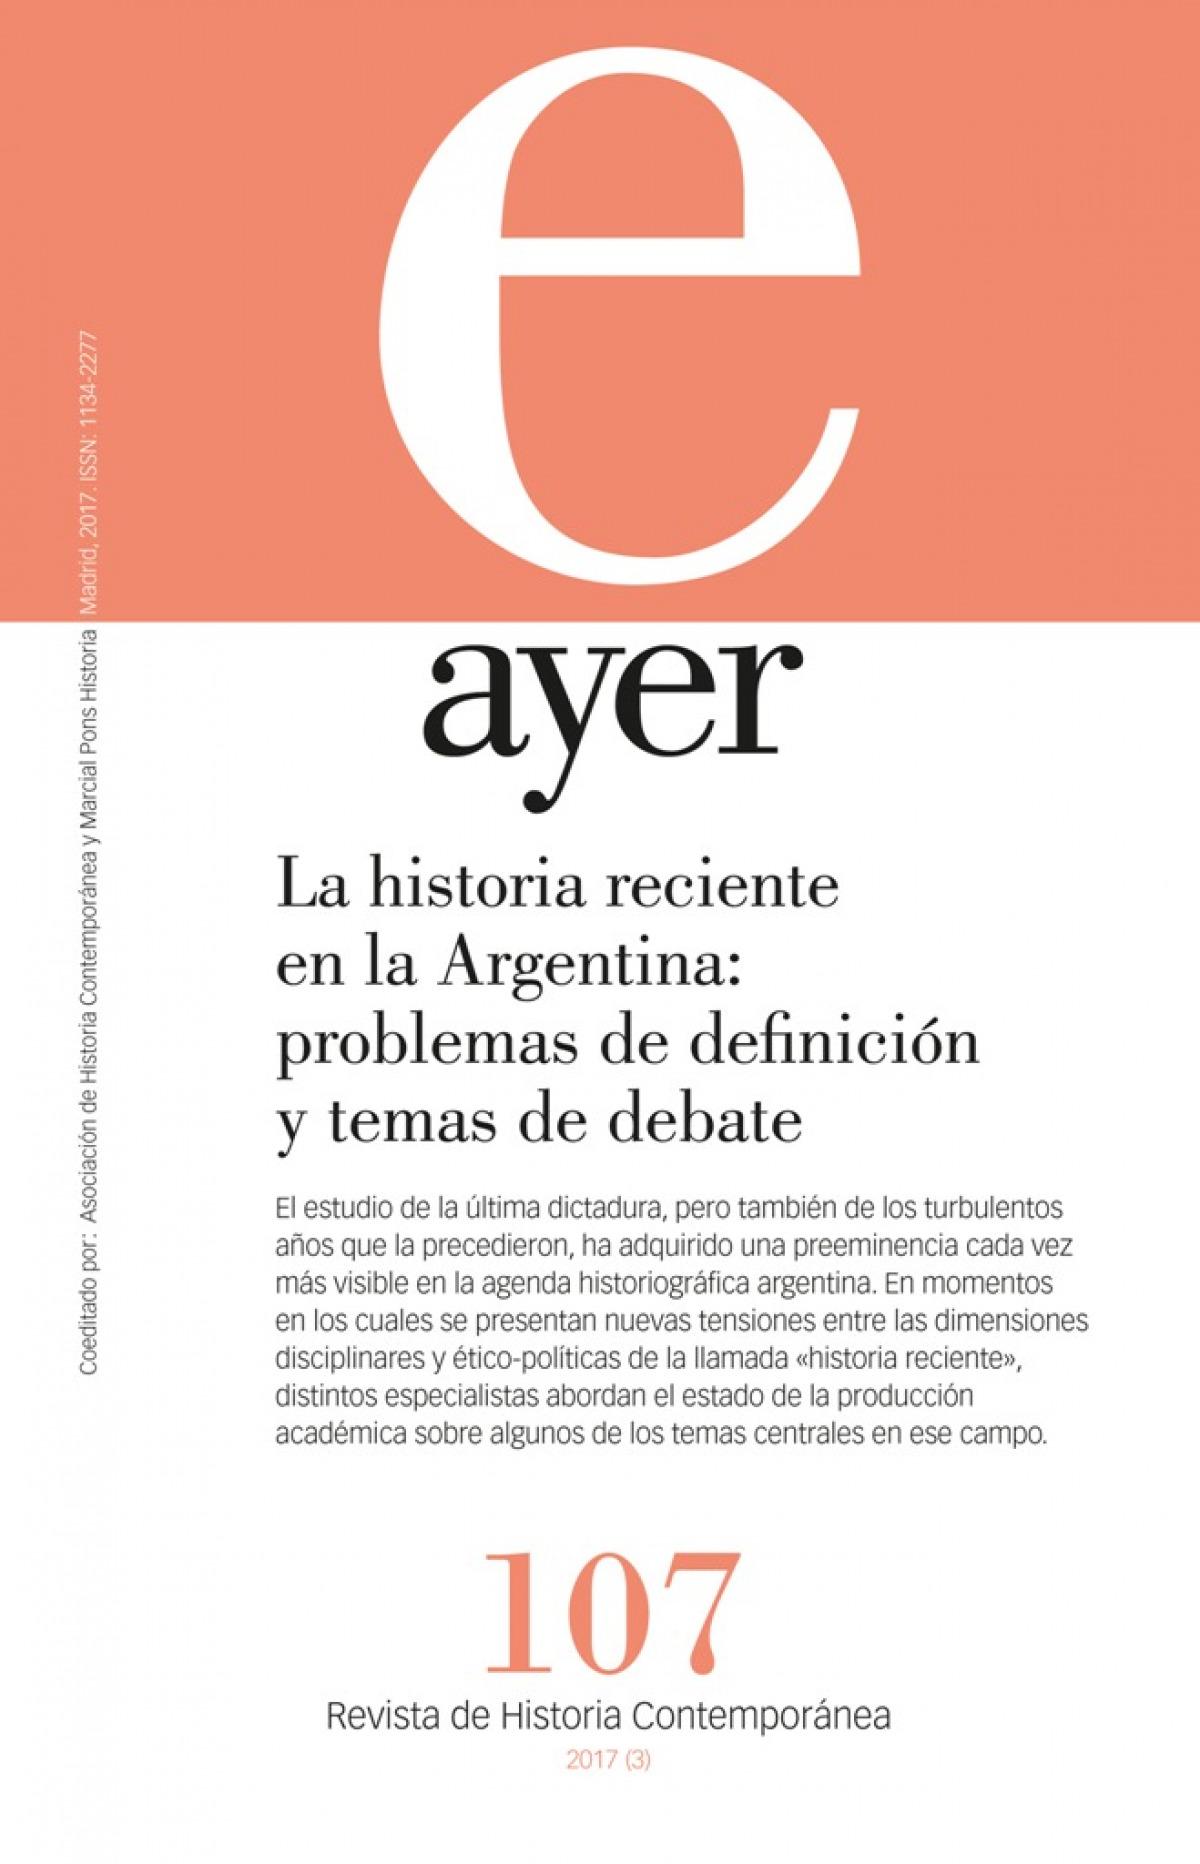 La historia reciente en la Argentina: problemas de definición y temas de debate